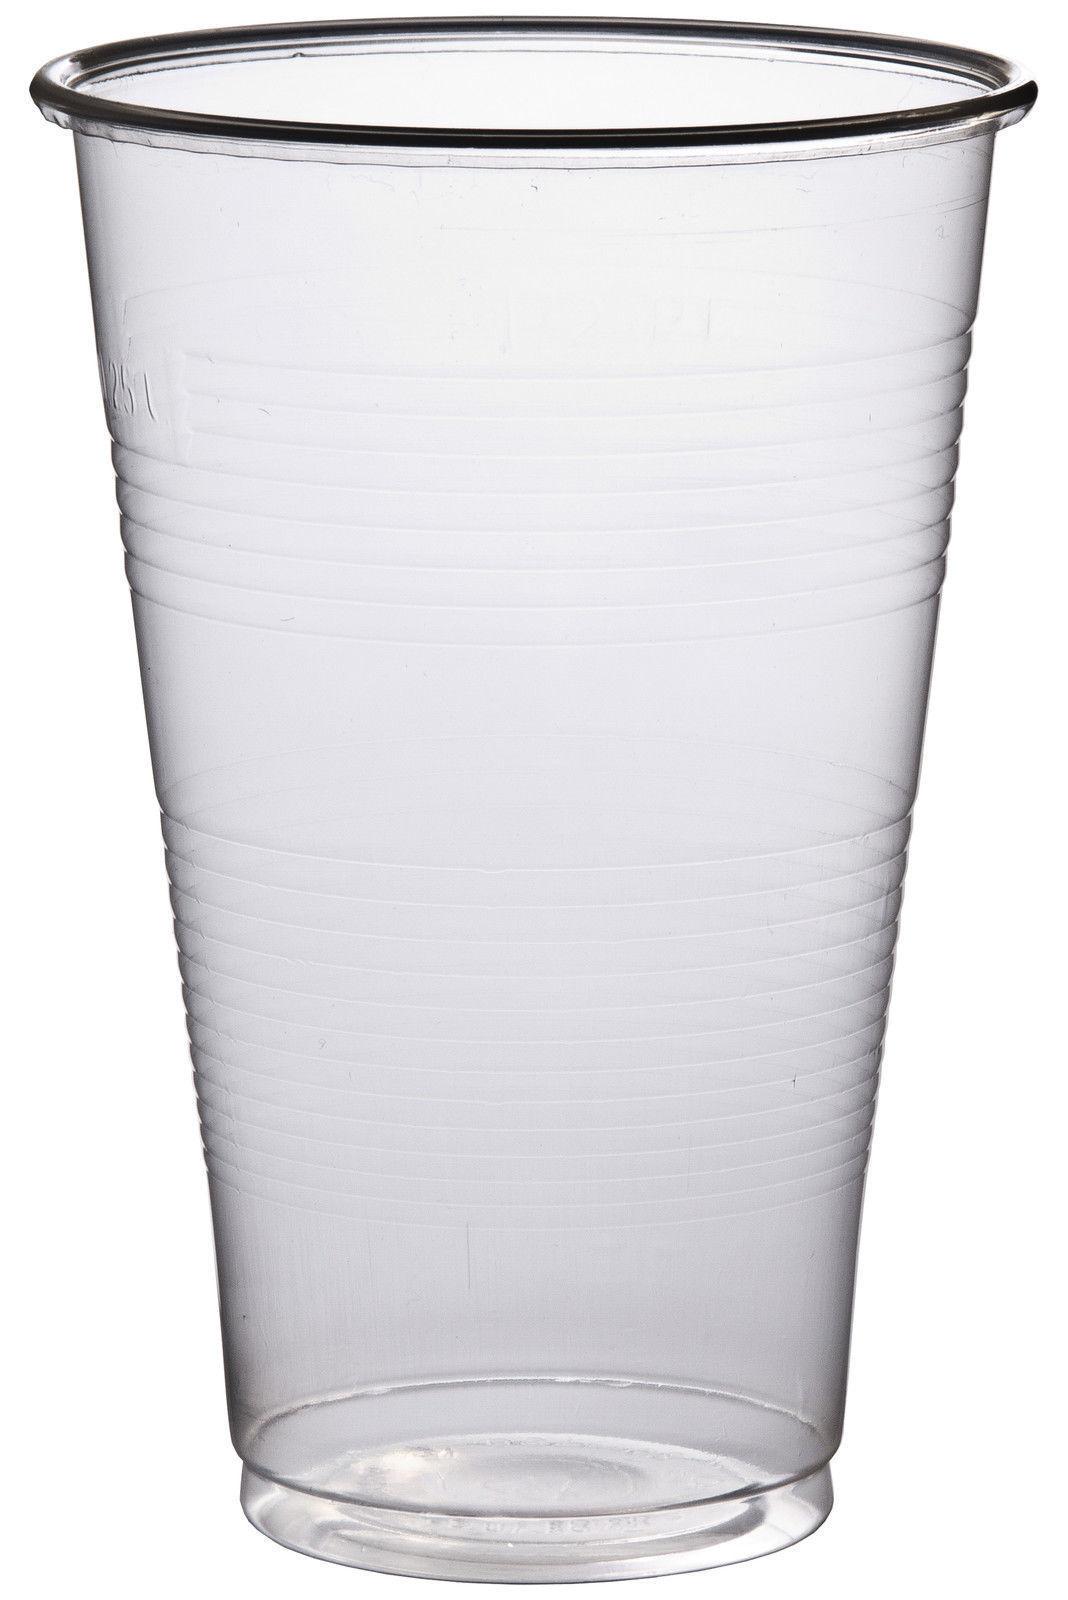 Forte pinte plastique moitié pinte Forte 300ml jetables verres à bière boisson cups 127103